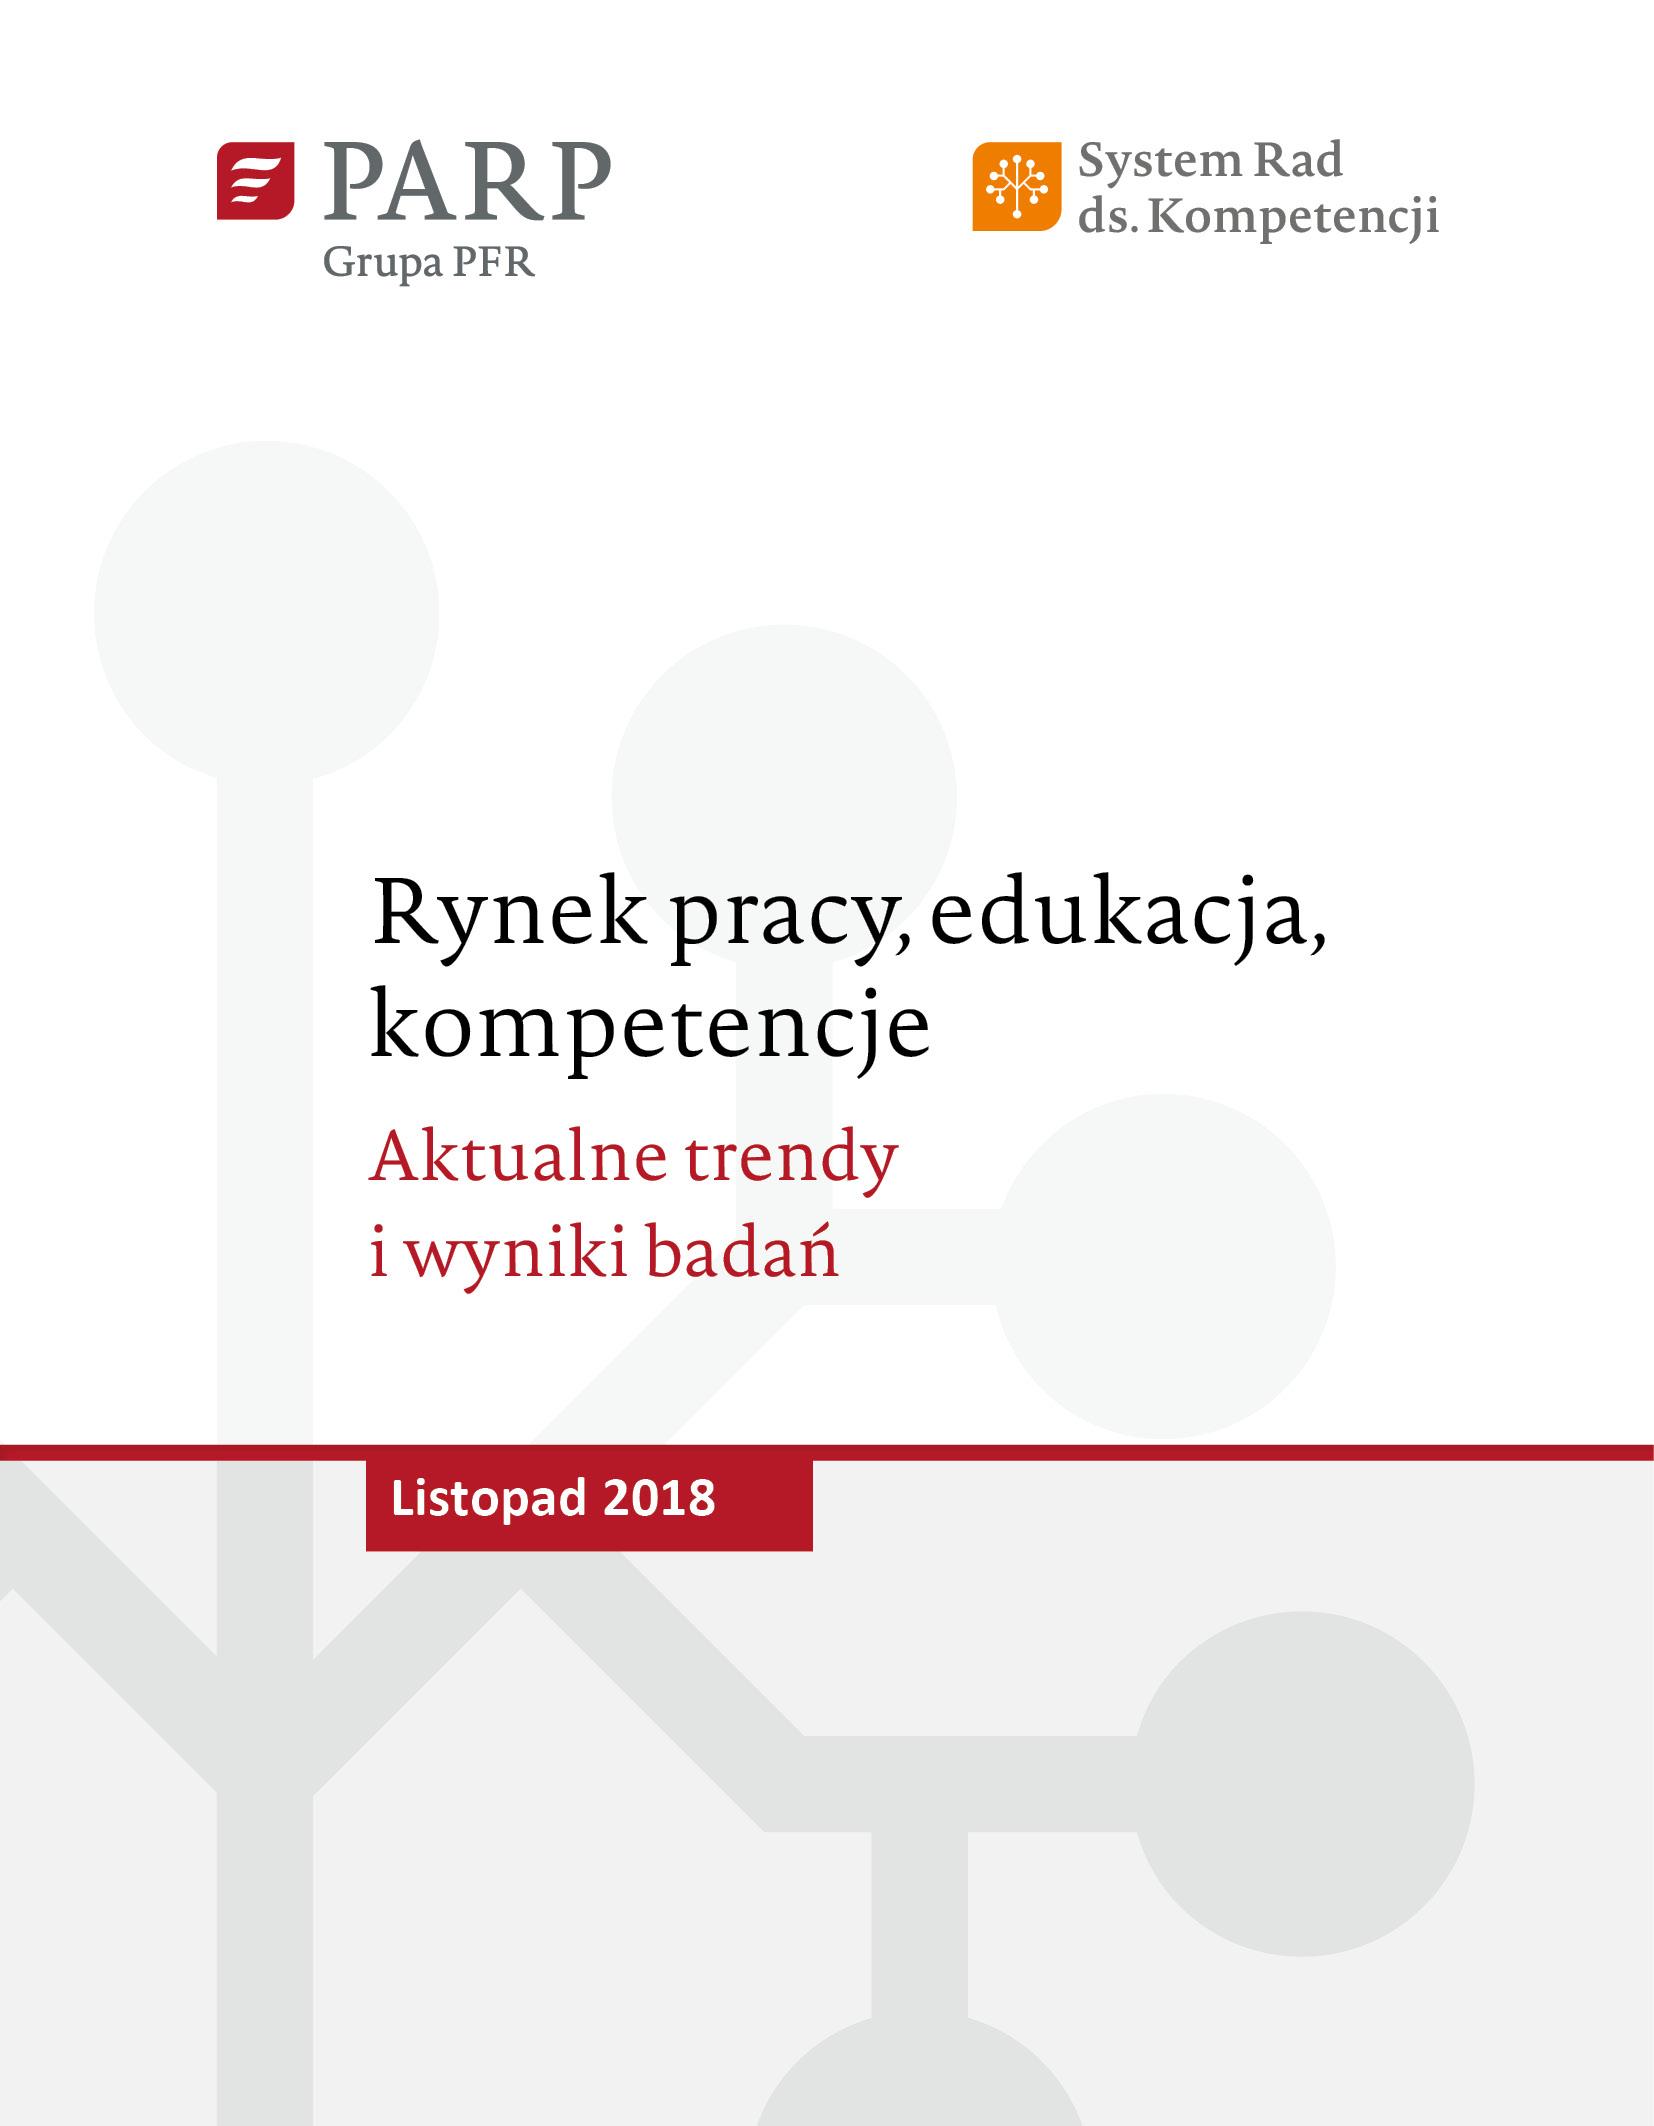 Rynek pracy, edukacja, kompetencje - listopad 2018